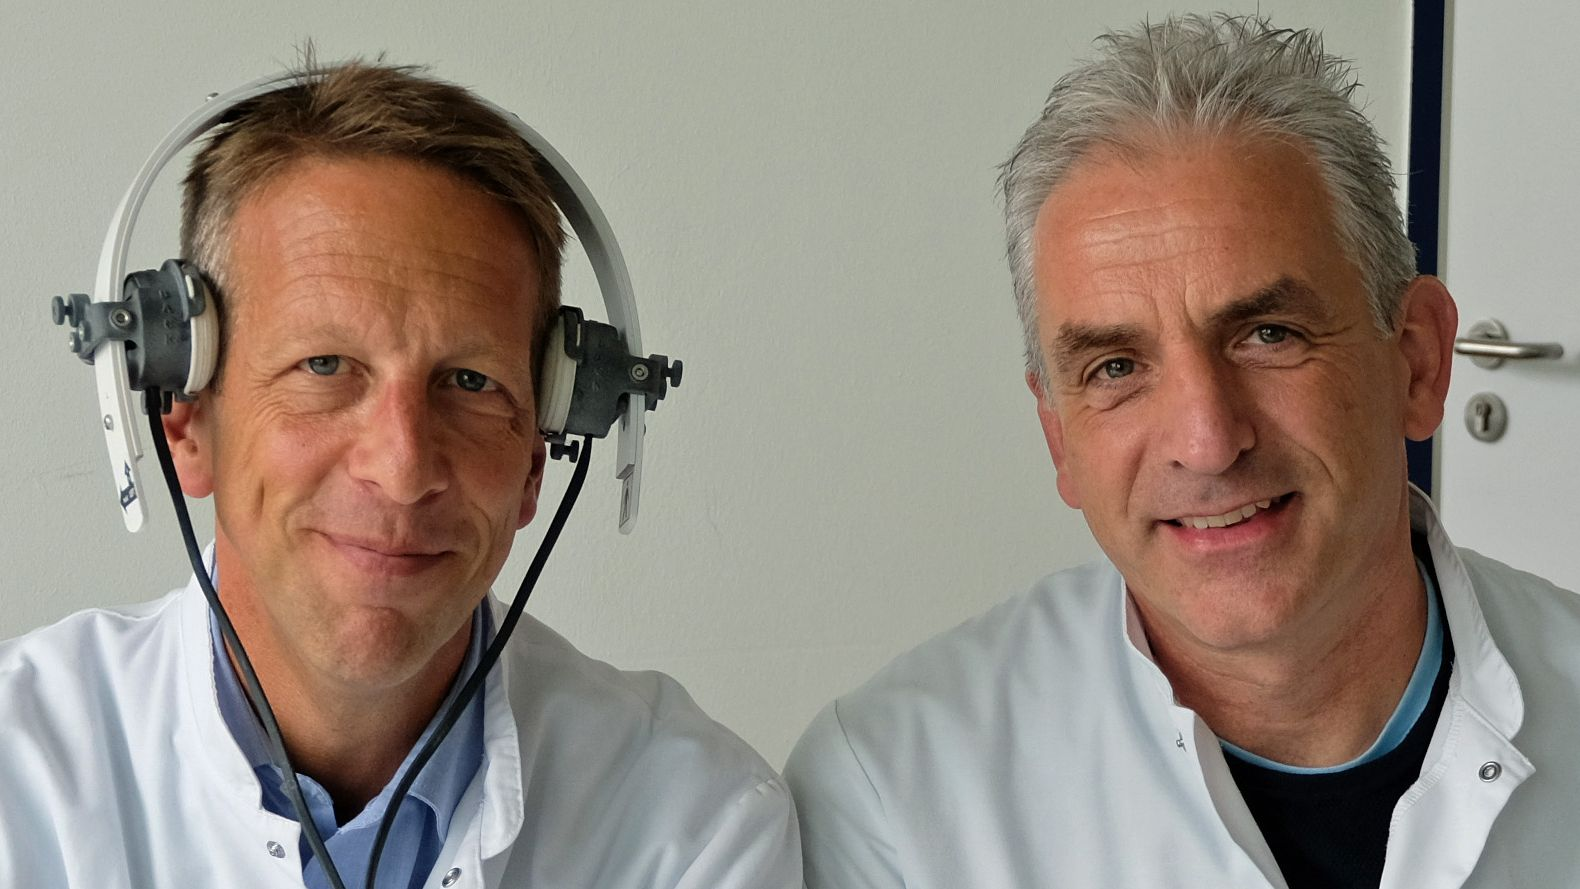 Thilo Hölscher (re.) und Felix Schlachetzki. Er trägt das kopfhörerähnliche Ultraschallgerät, das die Durchblutung der Hirnhälften misst.